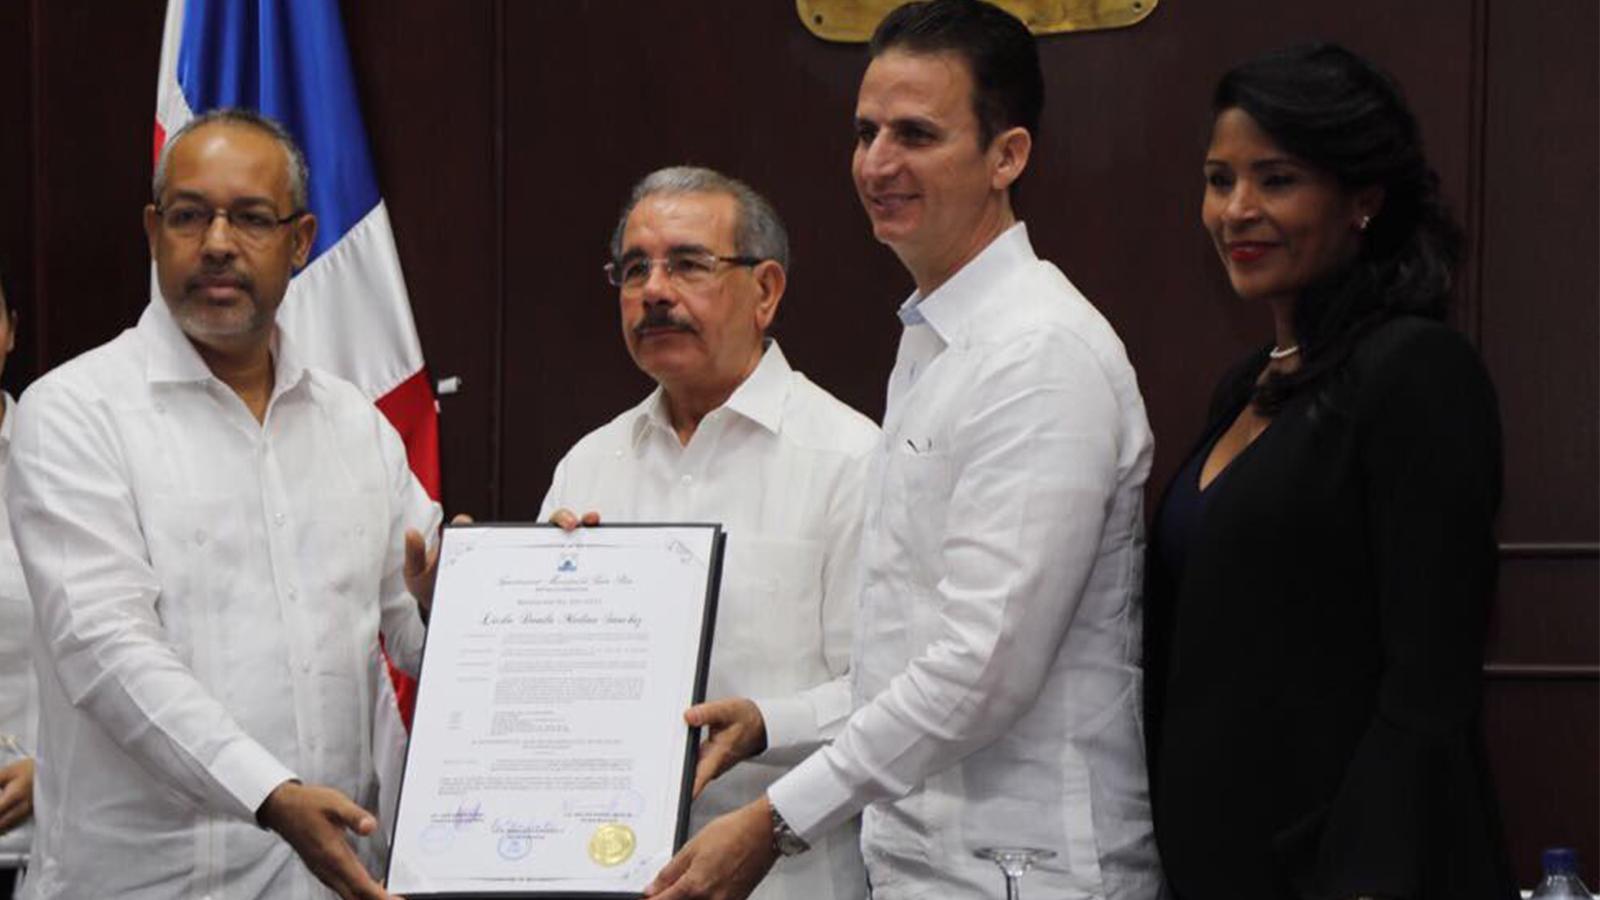 Presidente Medina promete terminar Teleférico y Línea 2B del Metro en 2018